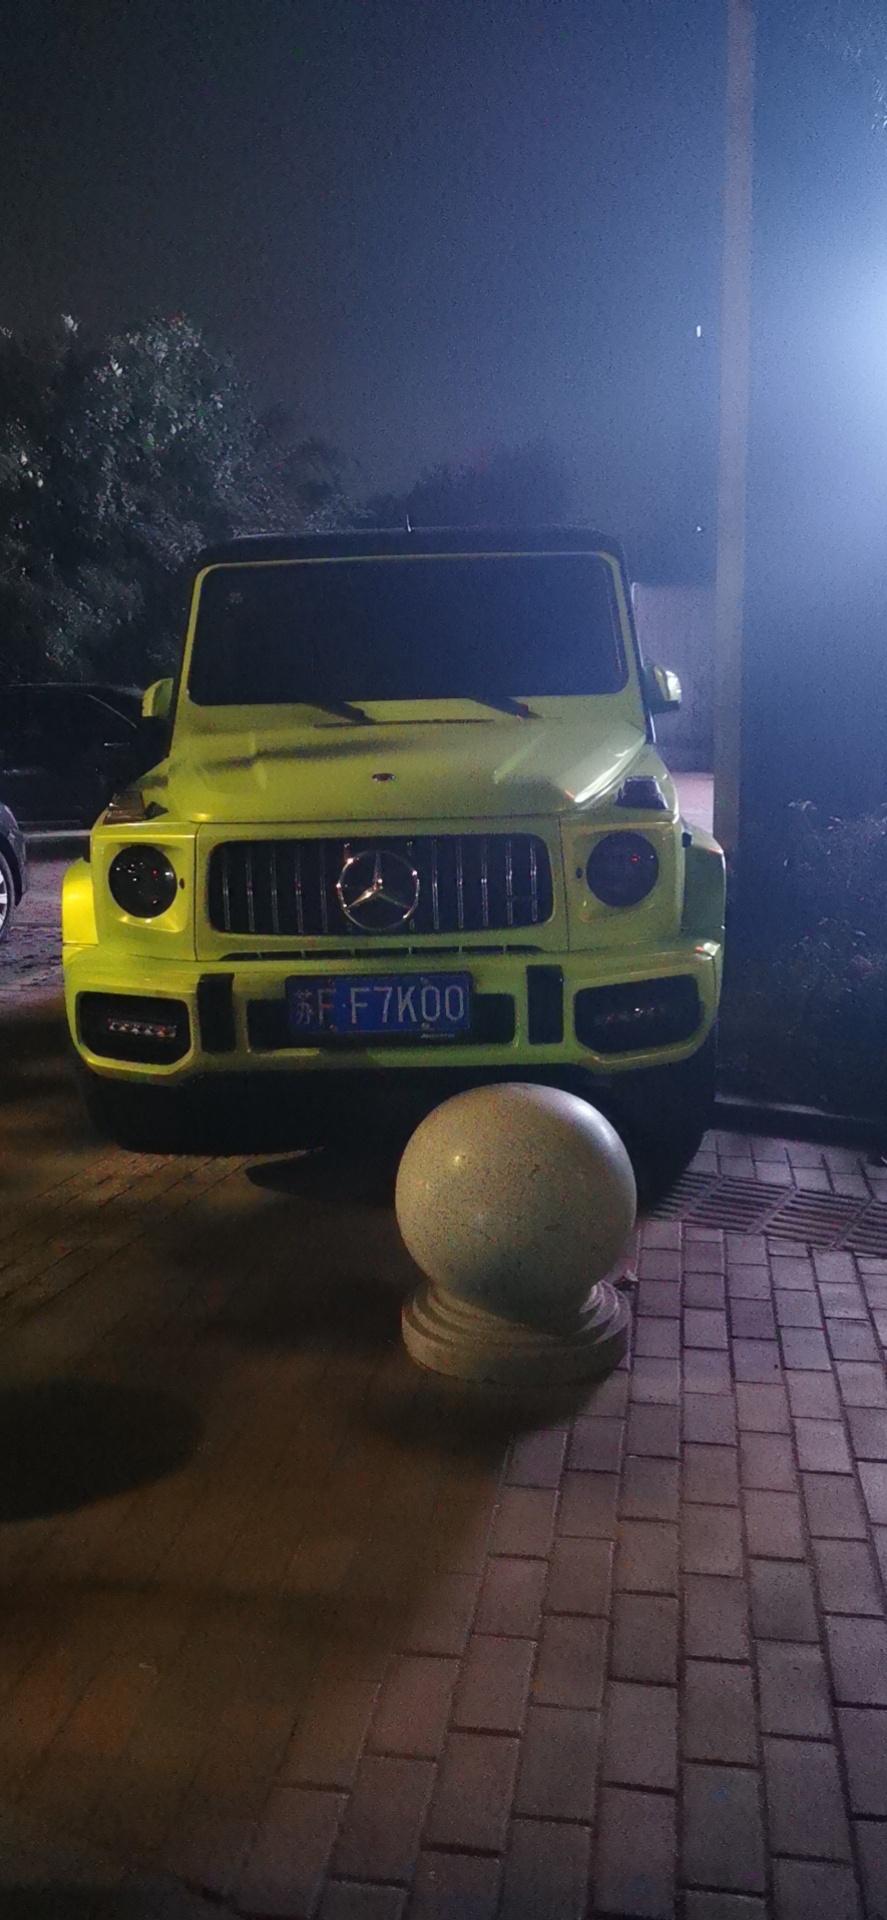 南通开发区街头实拍新款奔驰G63AMG,亮黄色车身相当拉风!